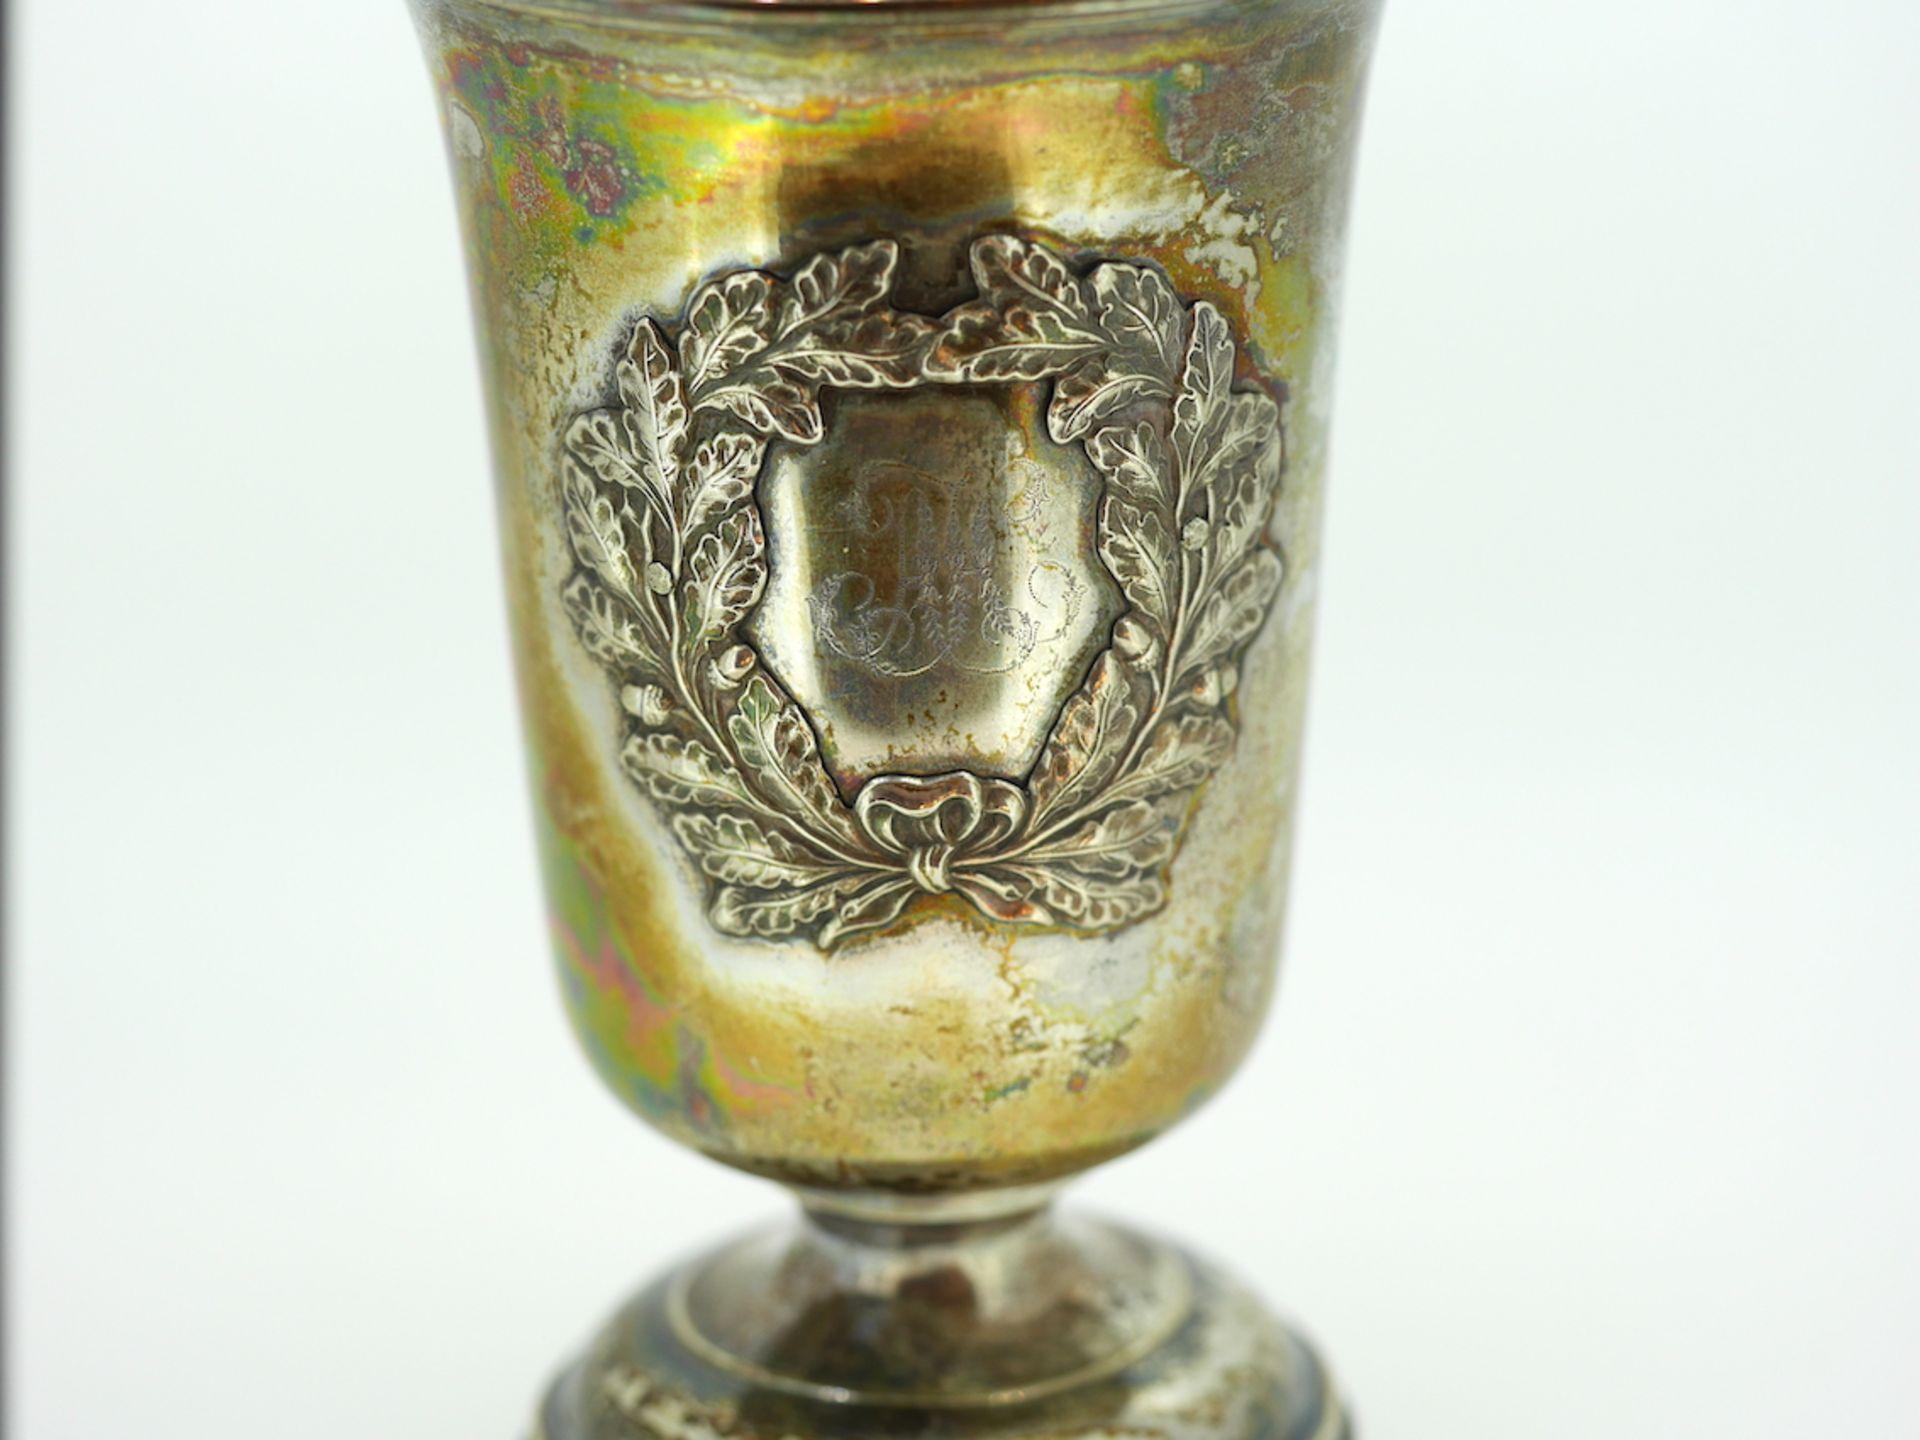 Becher aus 13 lötigem Silber, 12 cm hoch, Gewicht 96 Gramm - Bild 2 aus 3